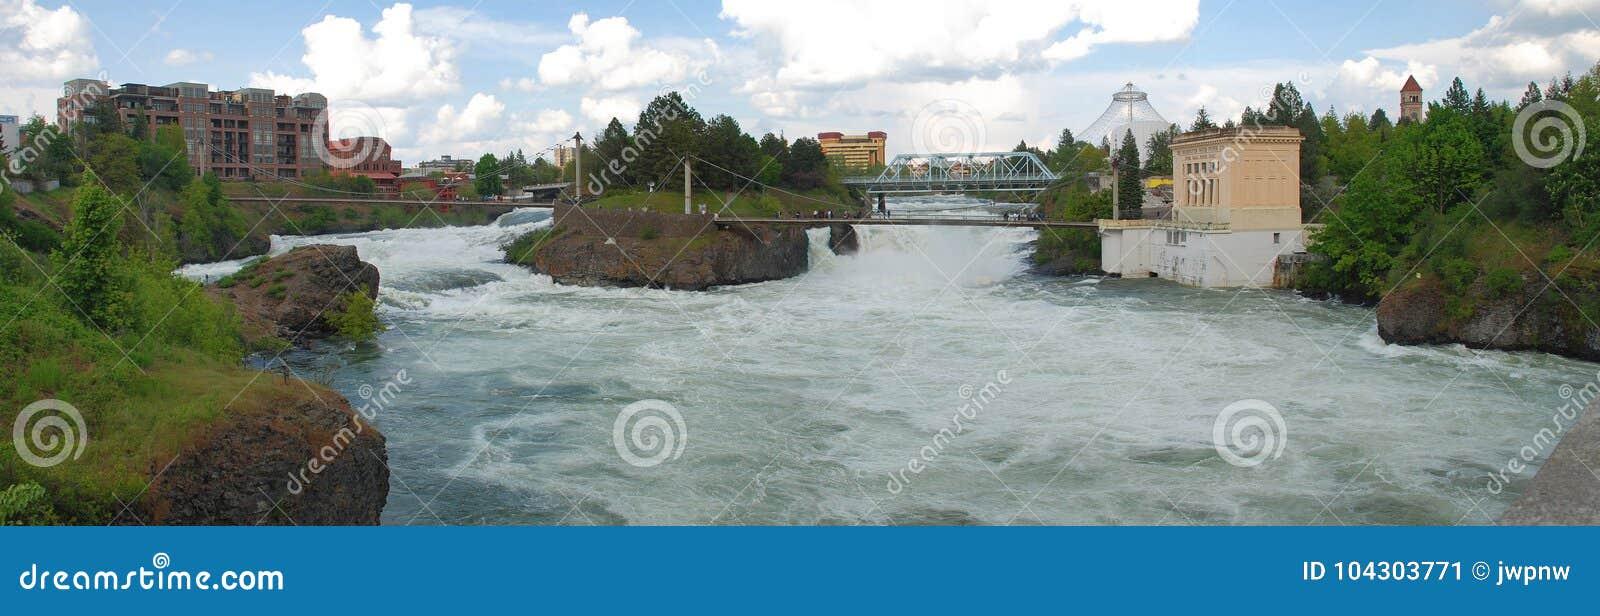 Quedas de Spokane - Spokane, Washington